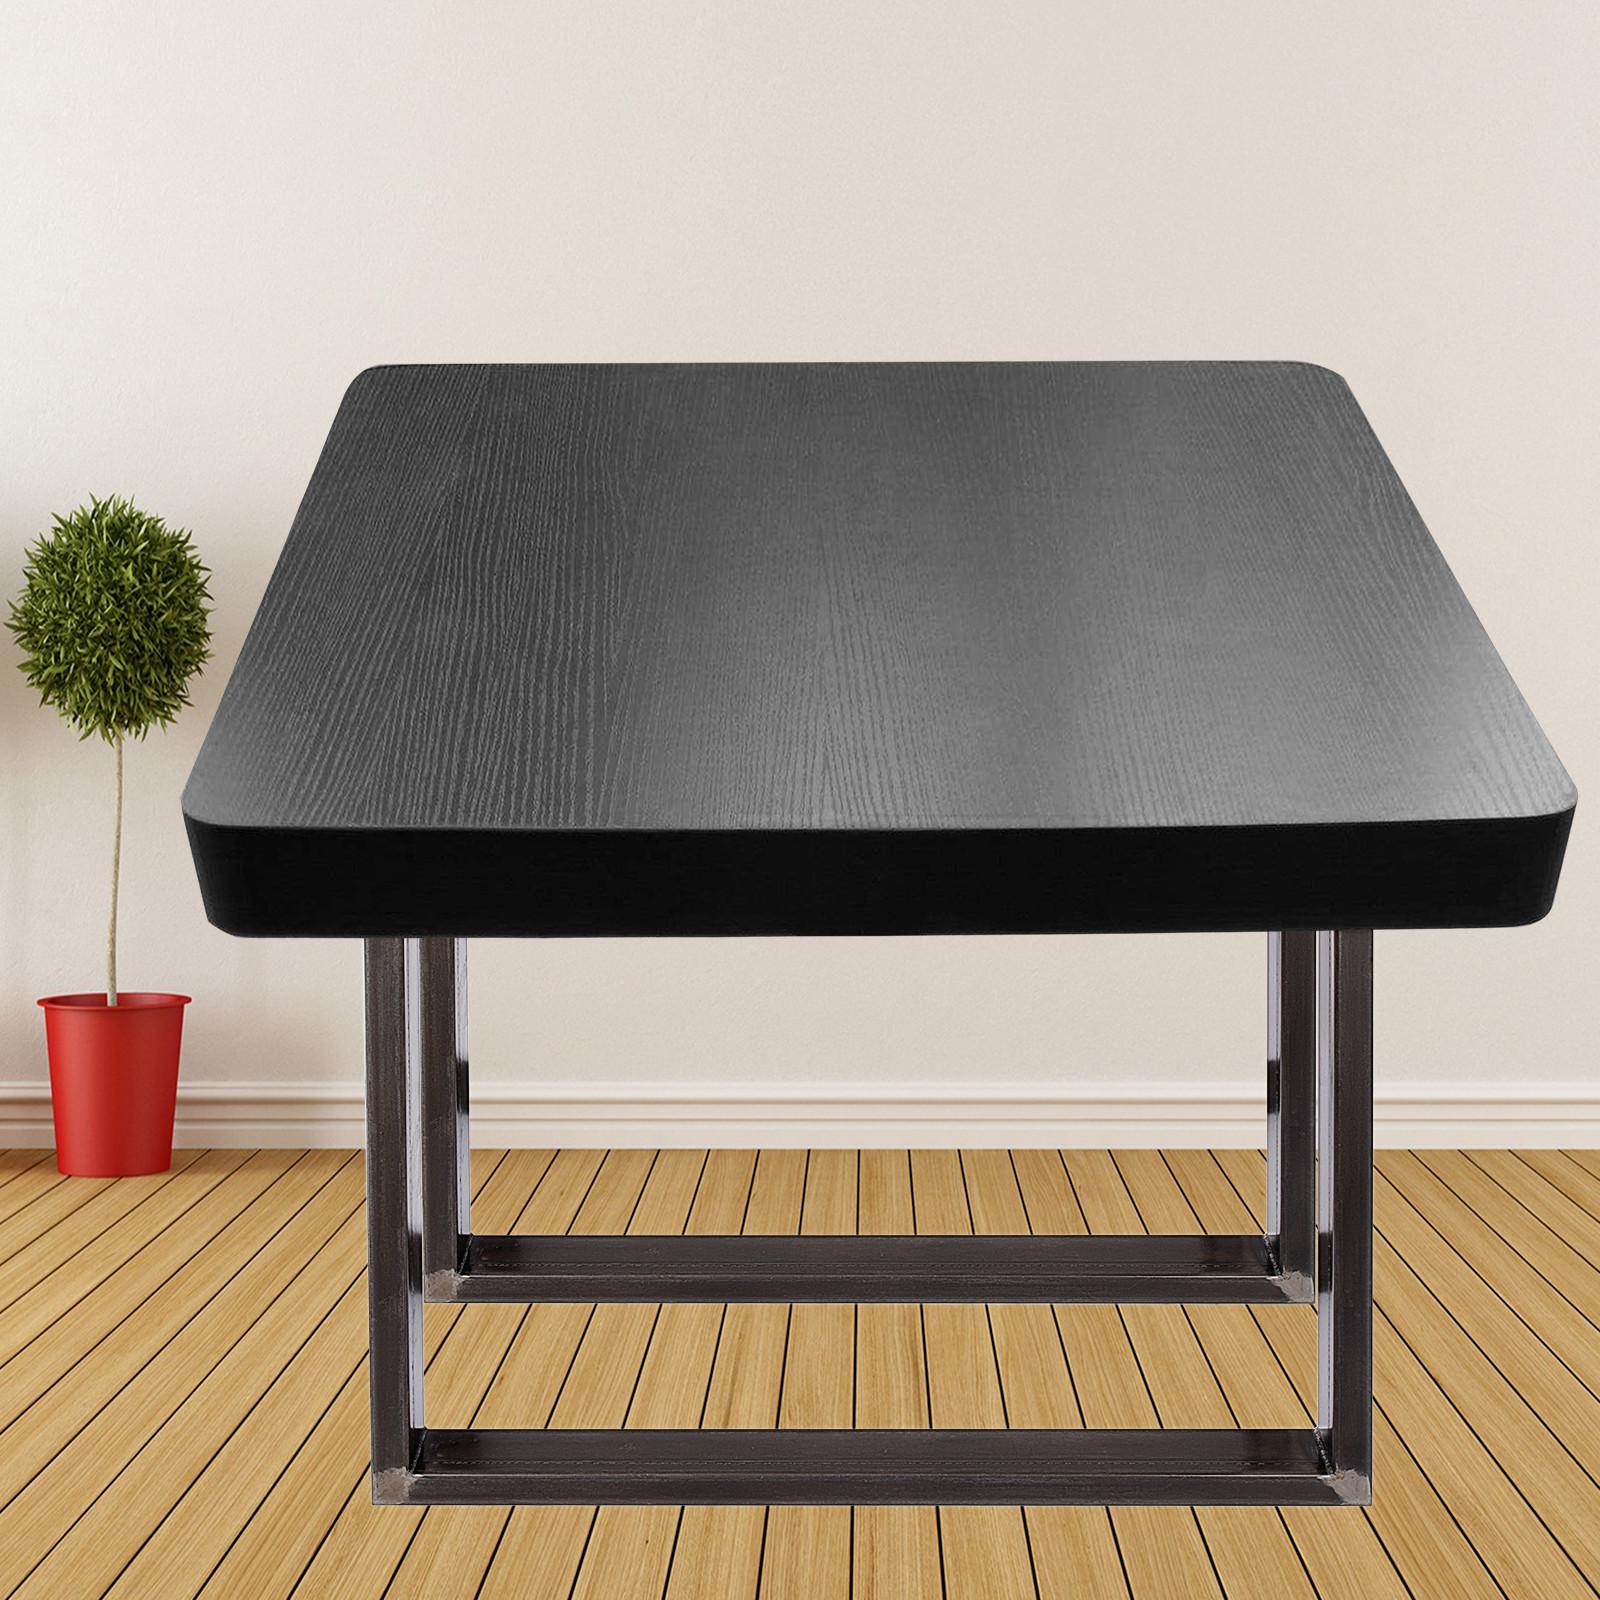 2x-Gambe-per-tavolo-piedi-tavolo-72X-100-CM-Salotto-Cucina-stile-industriale miniatura 10